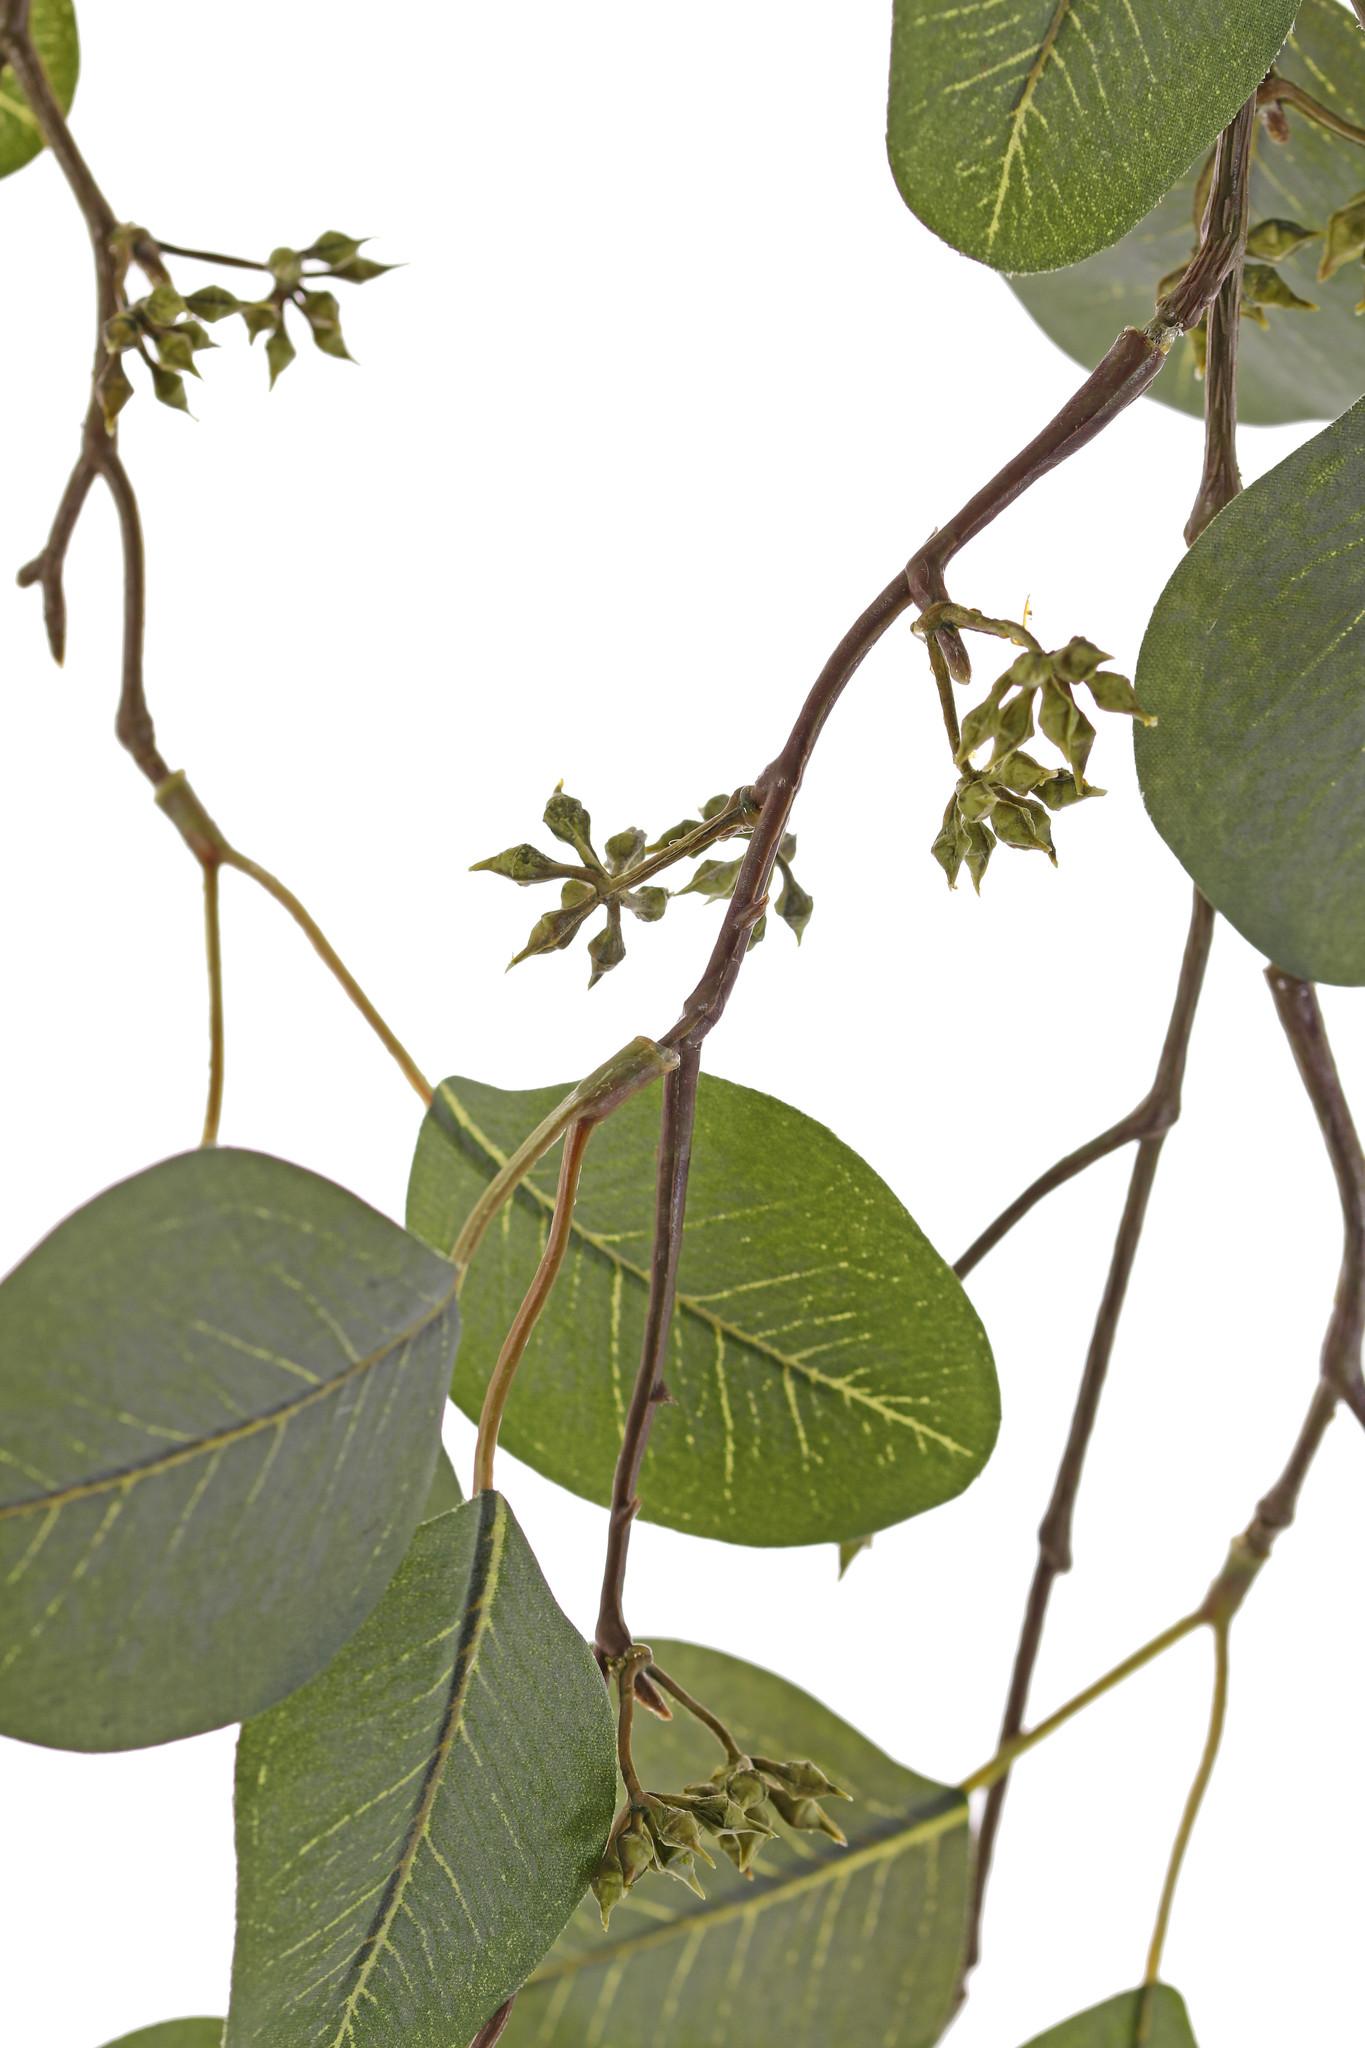 Eucalyptus-Blattzweig, hängend, 2 Verzweigungen, 45 Blätter & 13 Früchte, 145cm